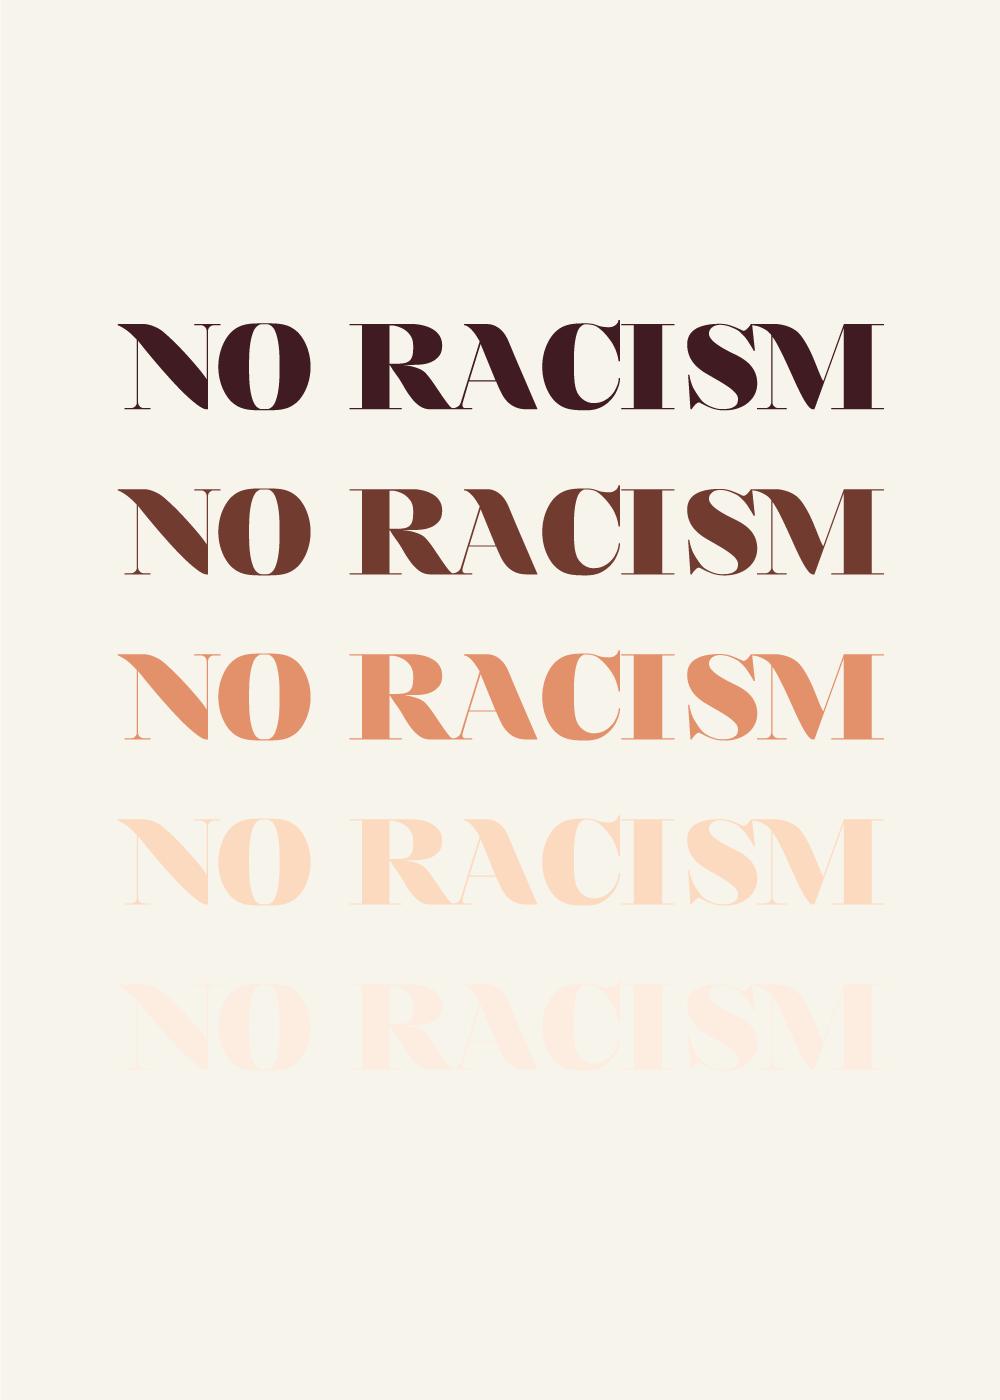 No racism - plakater med alle hudfarver